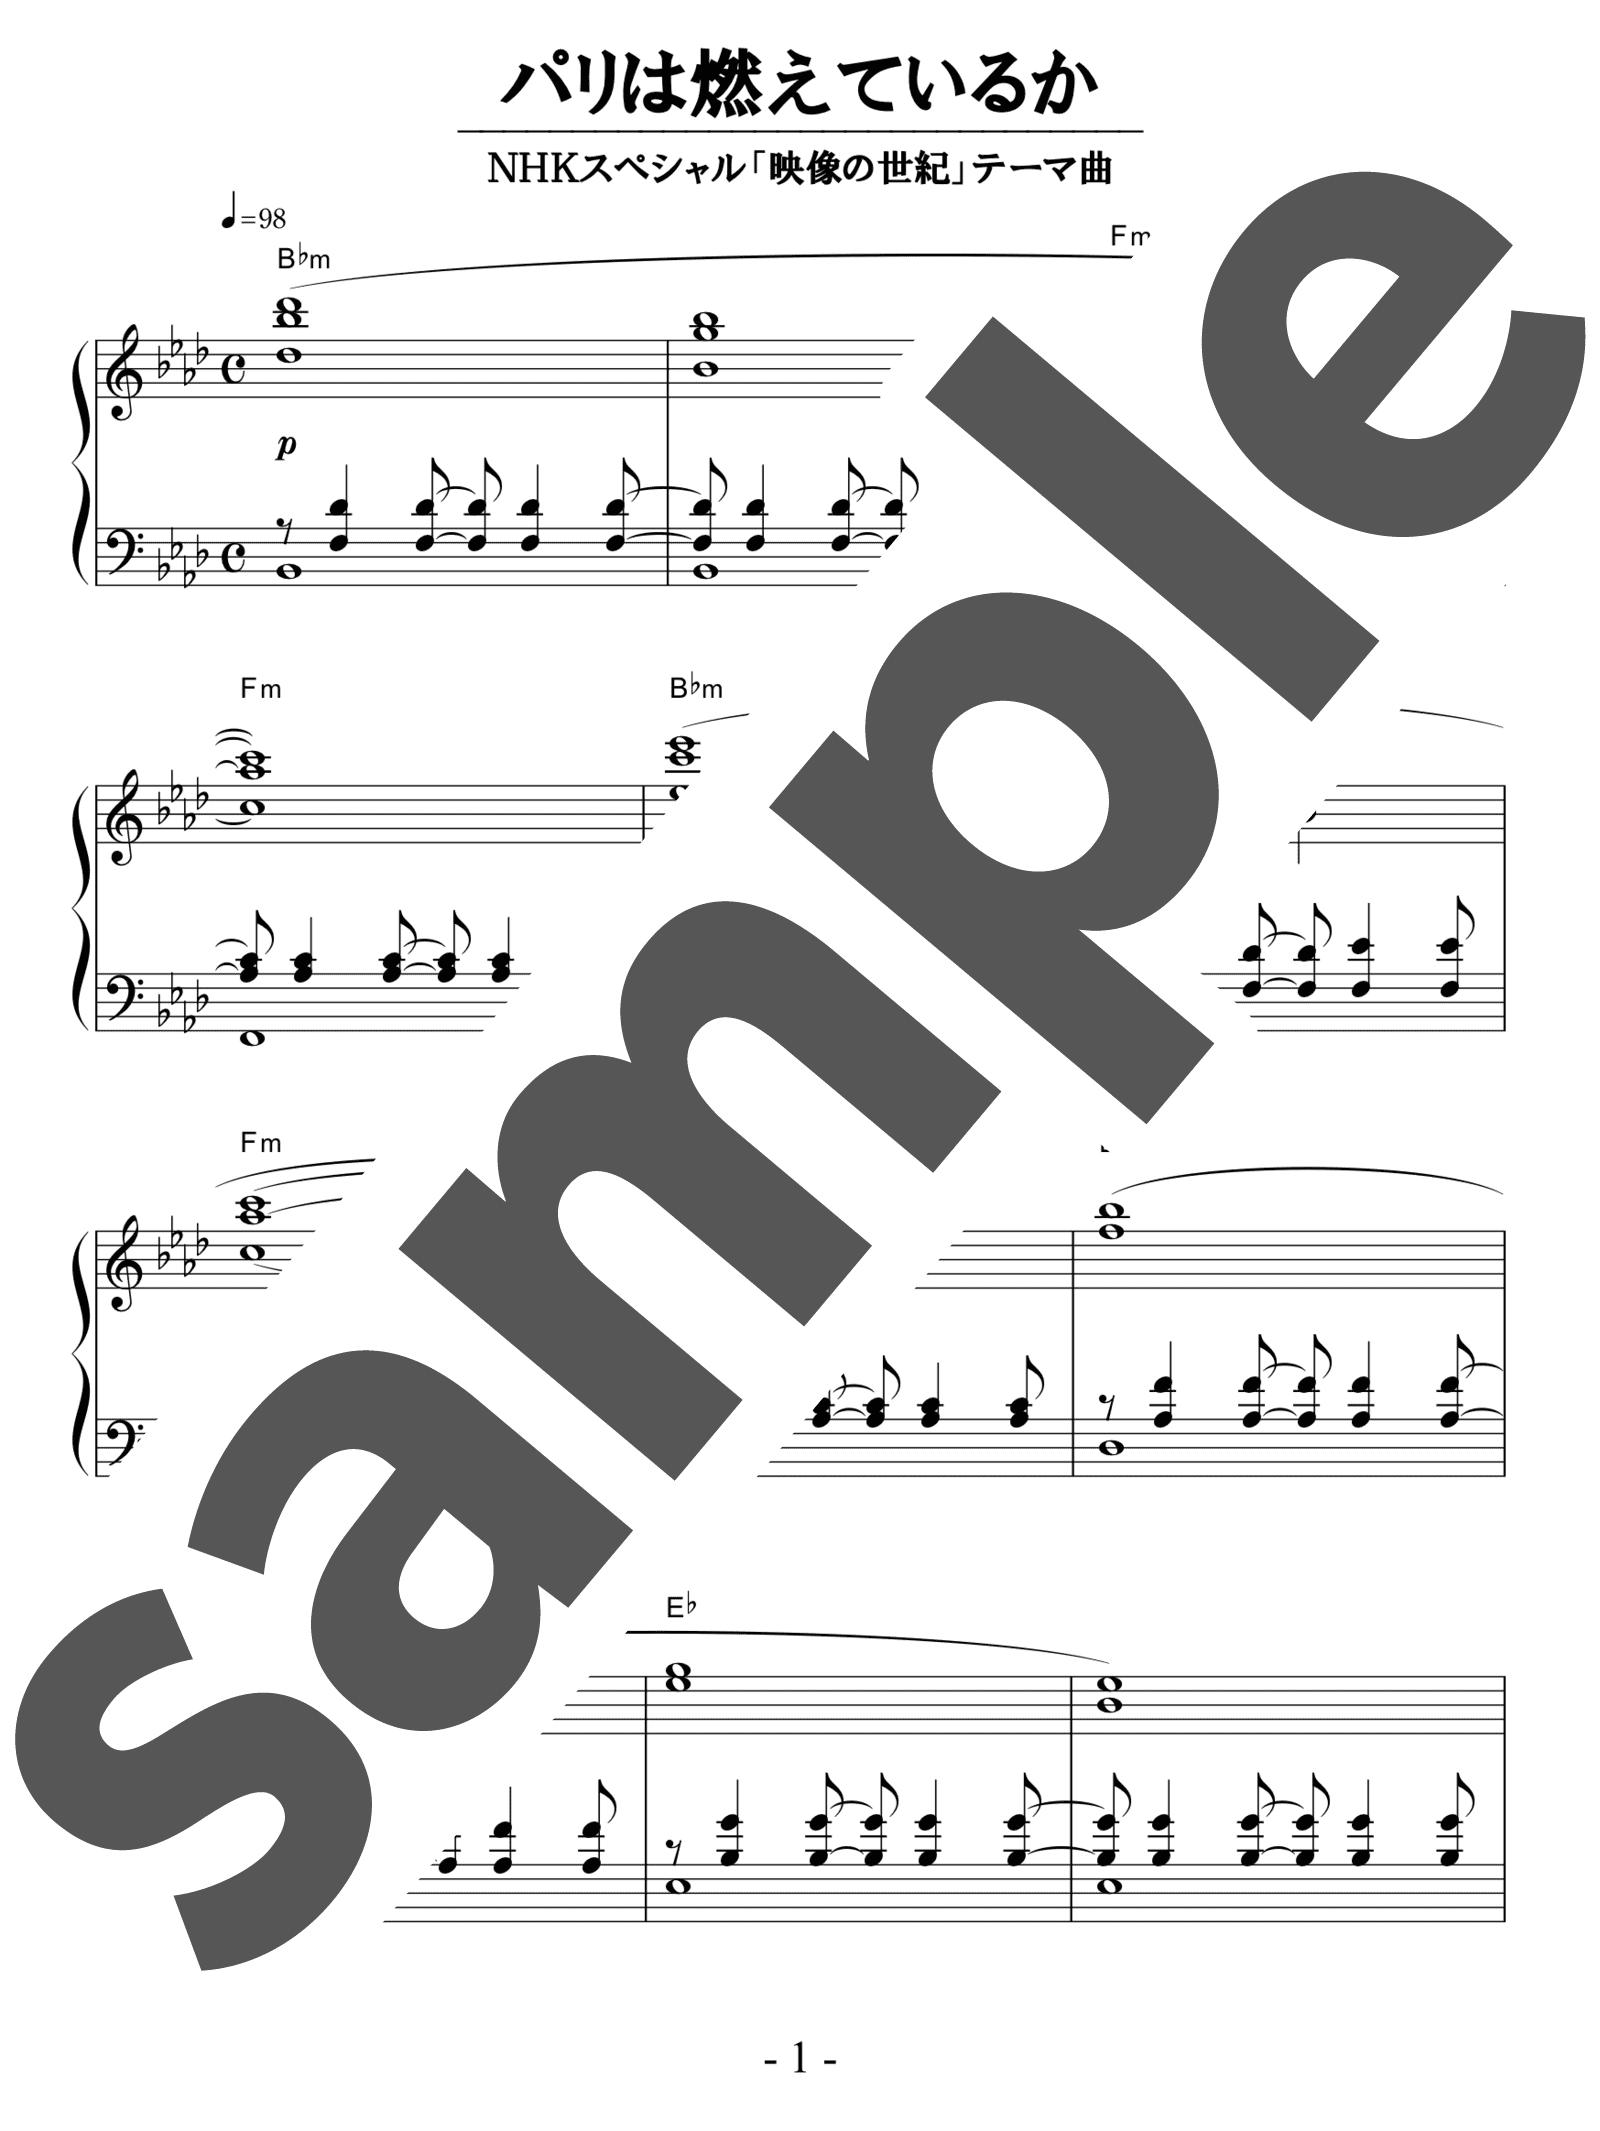 ピアノ楽譜】パリは燃えているか / 加古隆(中級) - 楽譜アプリ ...